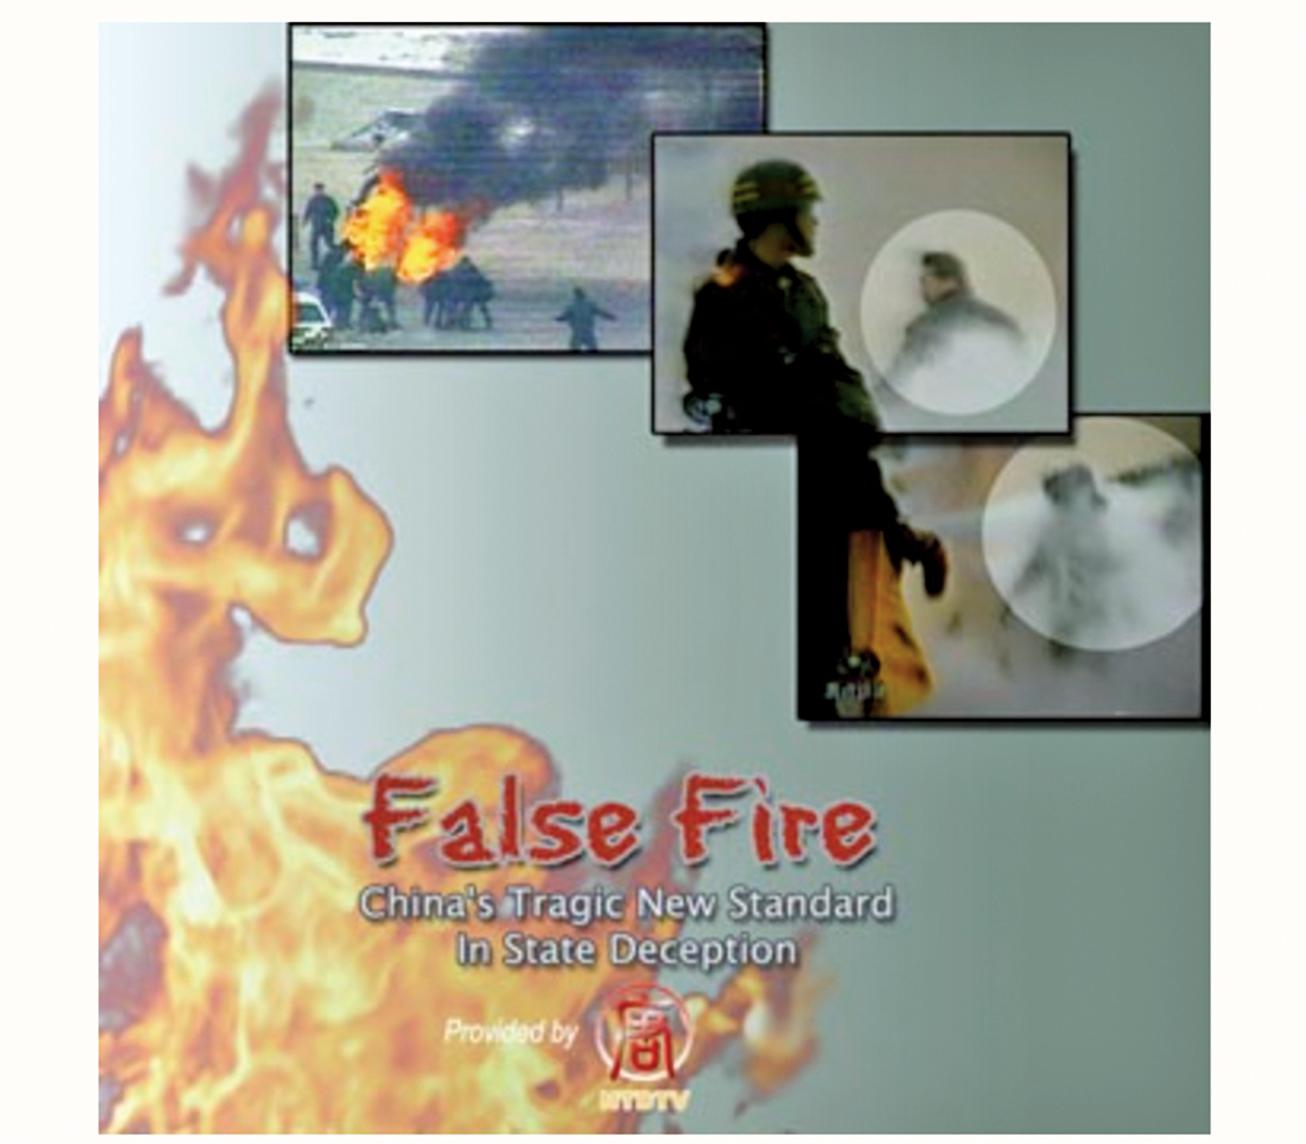 2003年11月8日,新唐人電視台製作的影片《偽火》,揭露「天安門自焚」案的種種疑點,獲第五十一屆哥倫布國際電影電視節榮譽獎。(新唐人電視台)